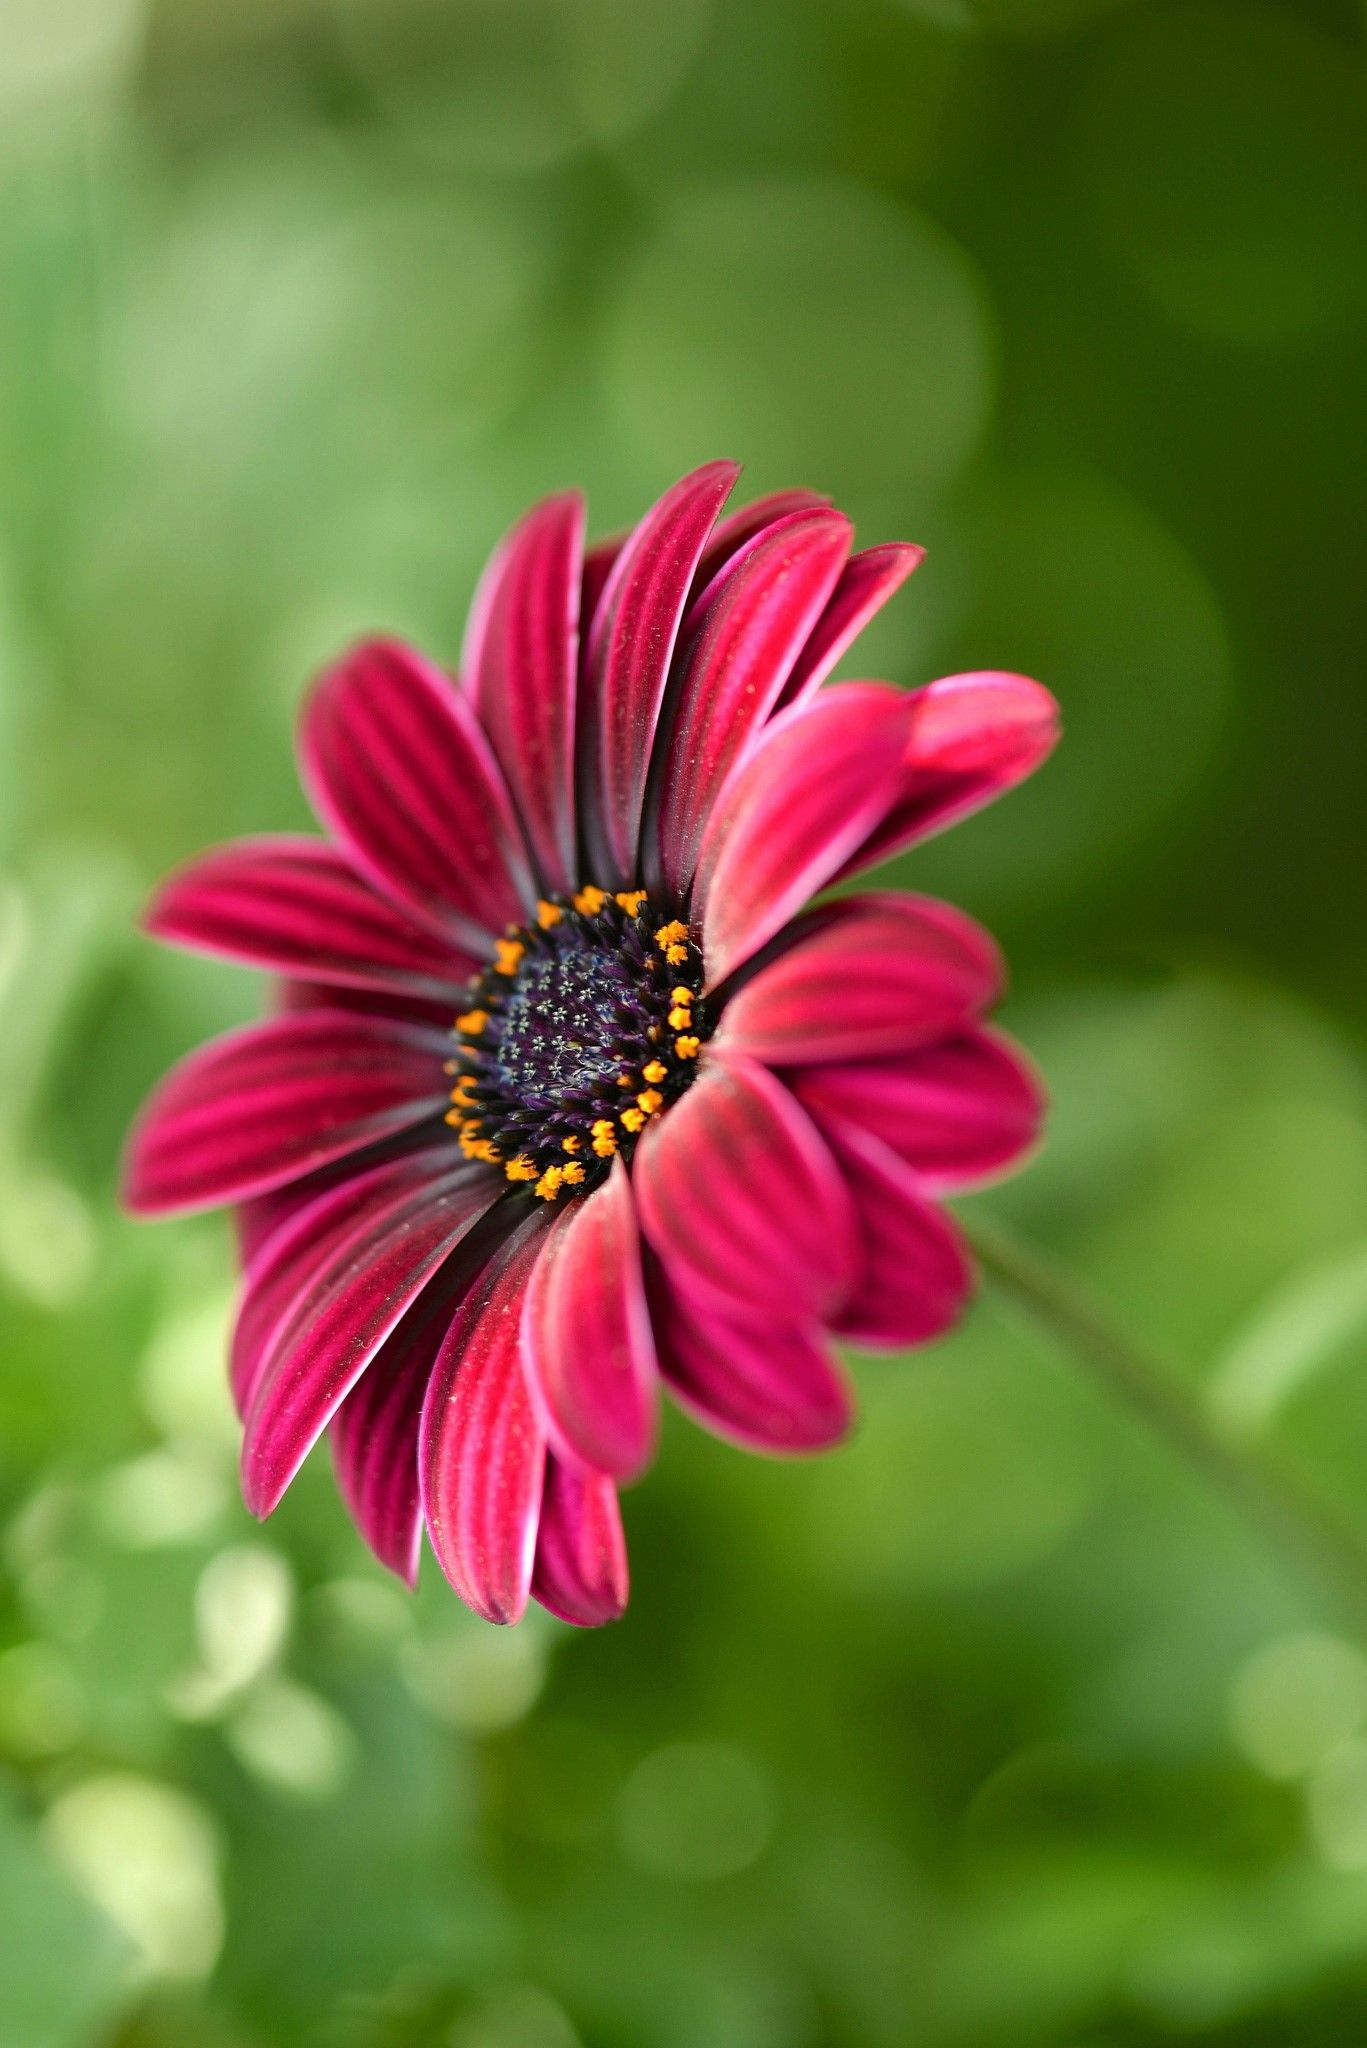 Cha Cruno Adli Kullanicinin Flowers Panosundaki Pin Cicek